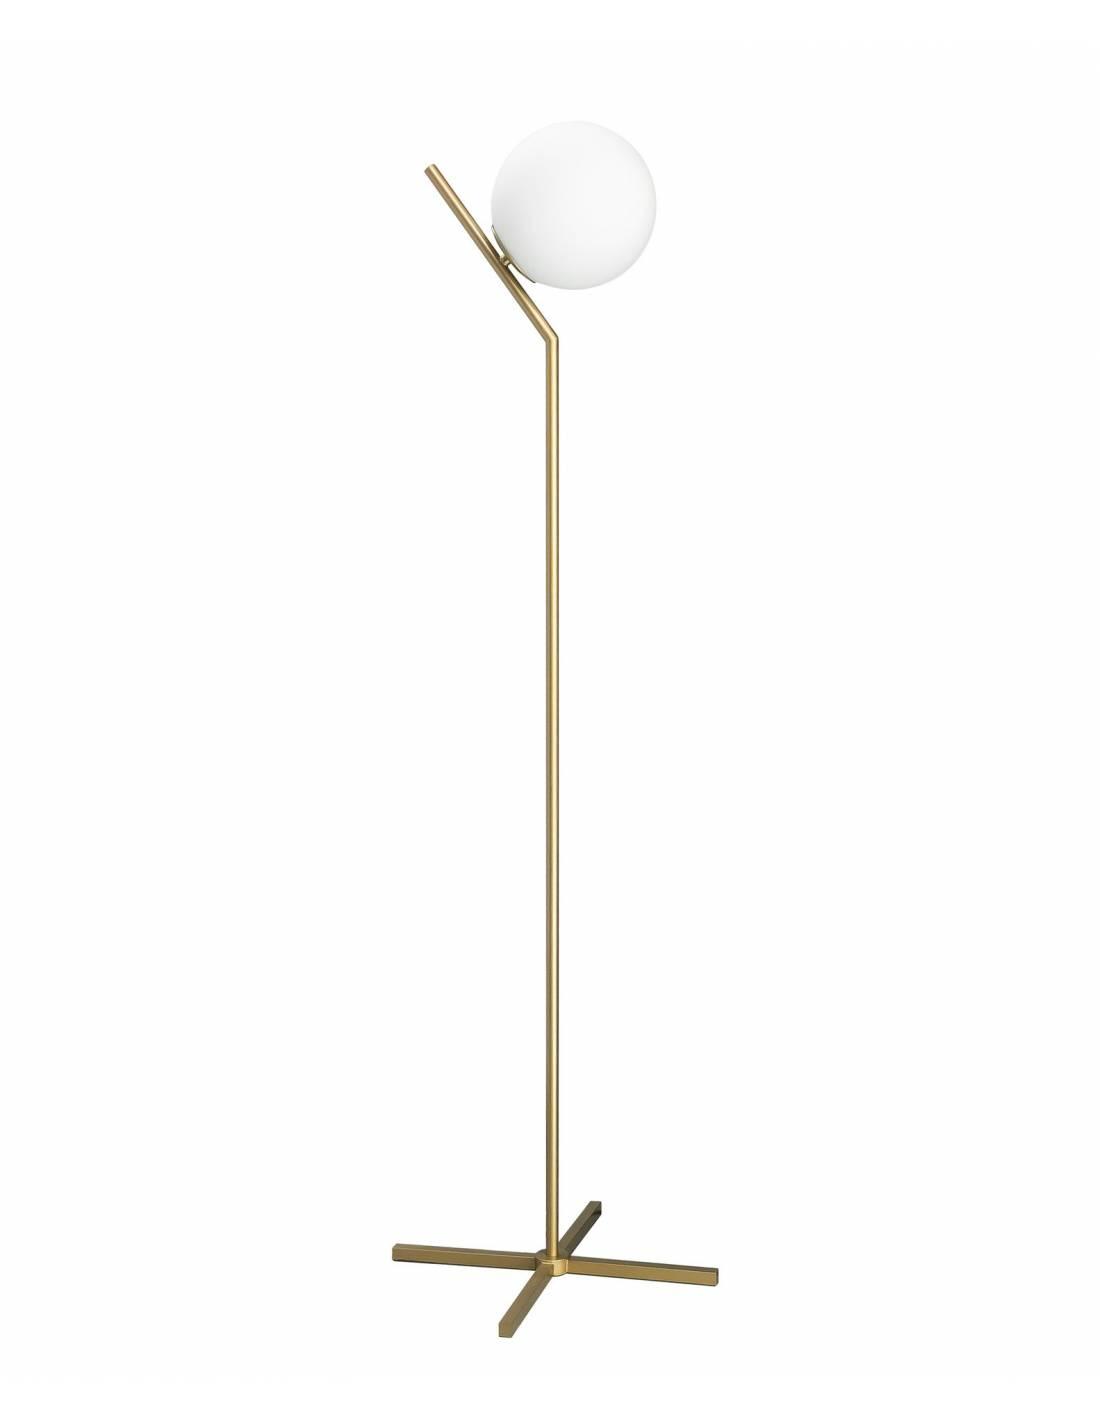 Złota stojąca lampa podłogowa ze szklanym okrągłym kloszem